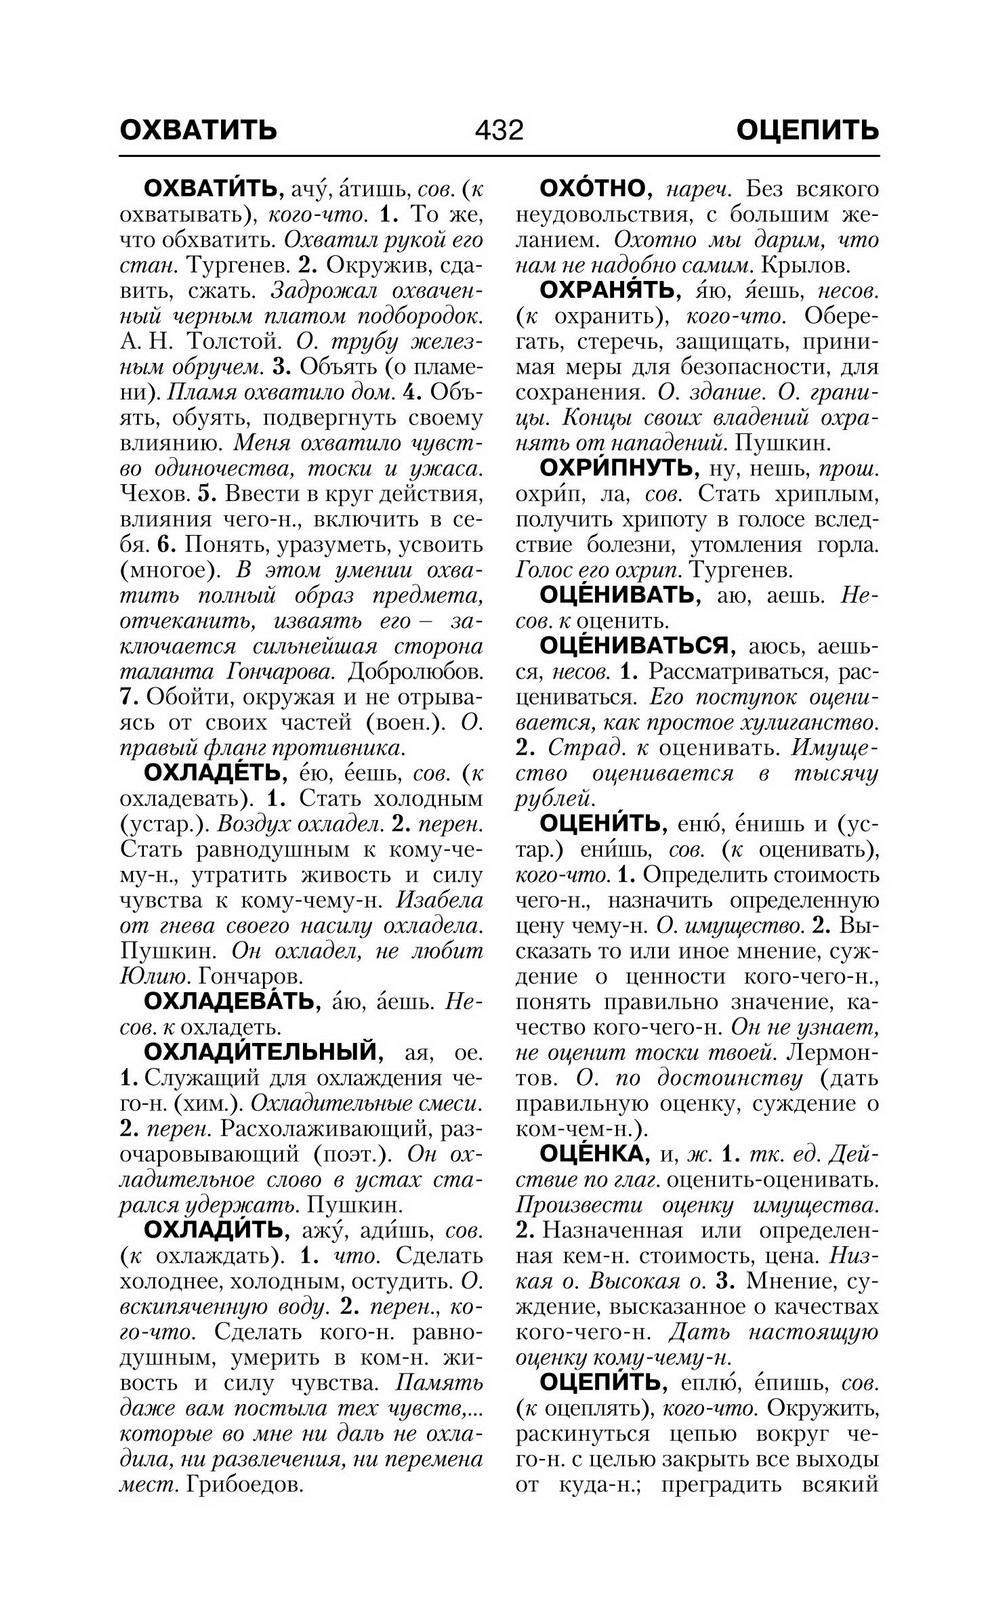 толковый словарь ушакова pdf скачать